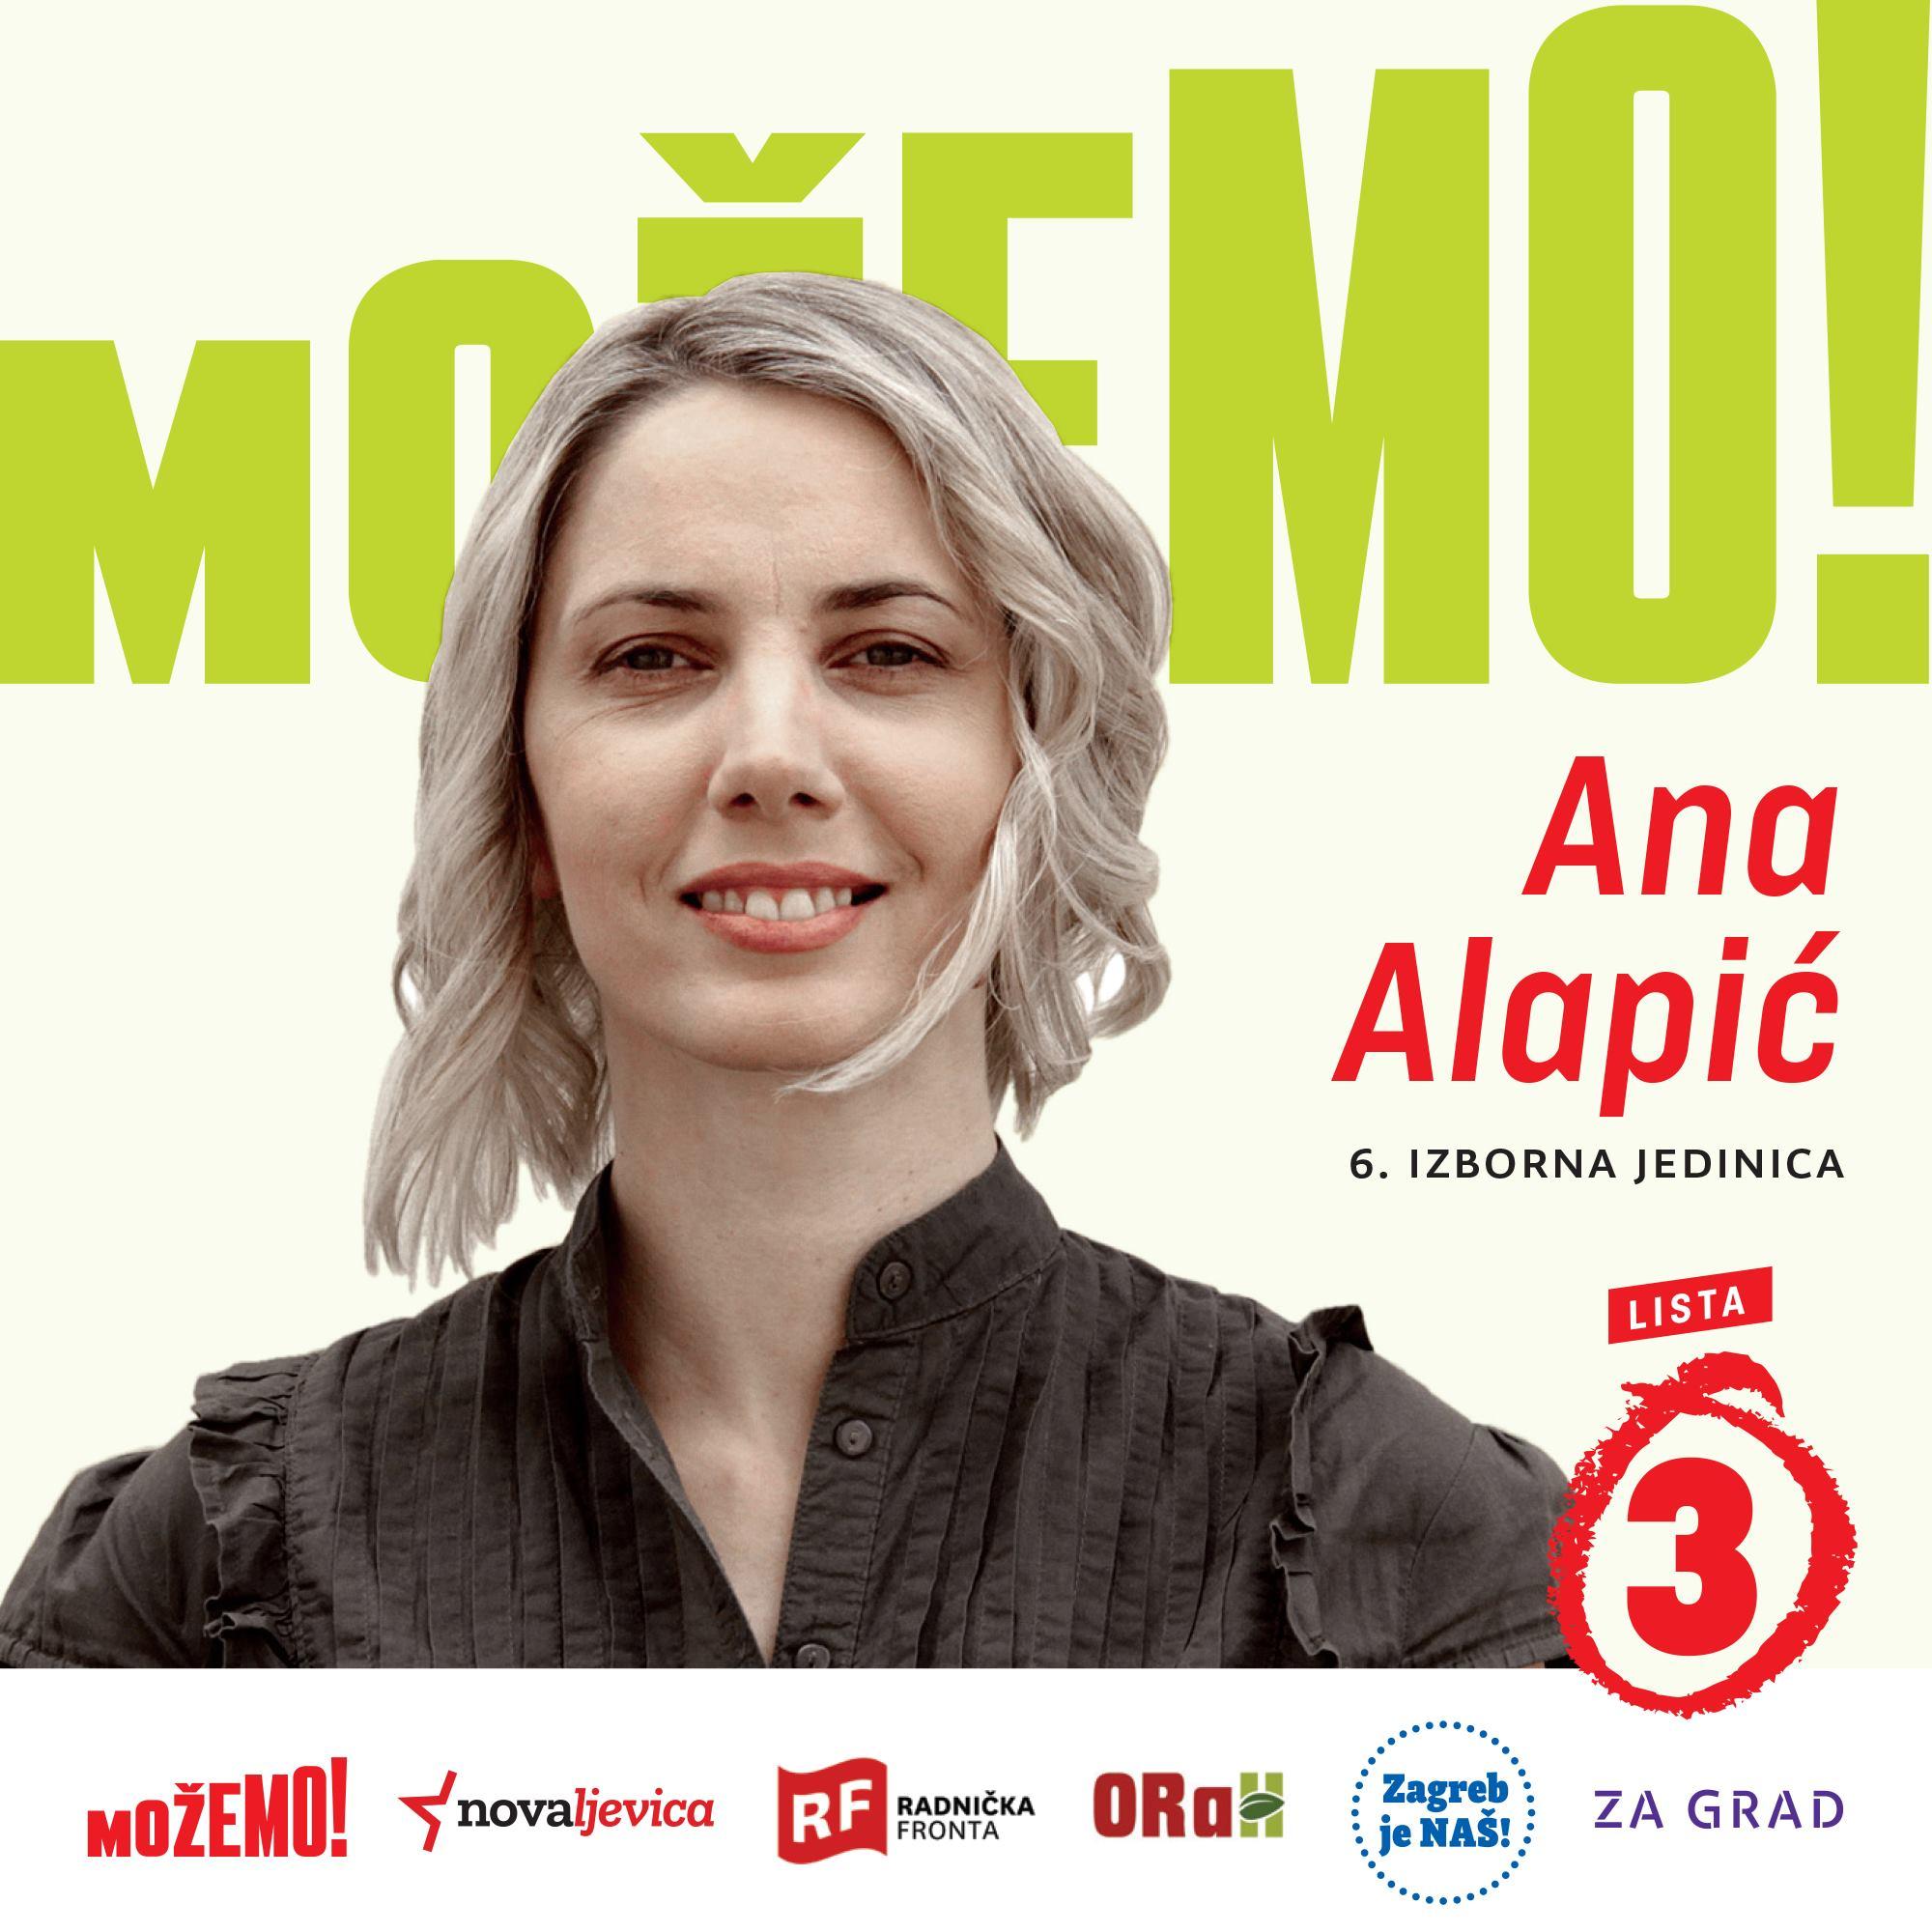 Treća na našoj listi u 6. izbornoj jedinici je Ana Alapić,